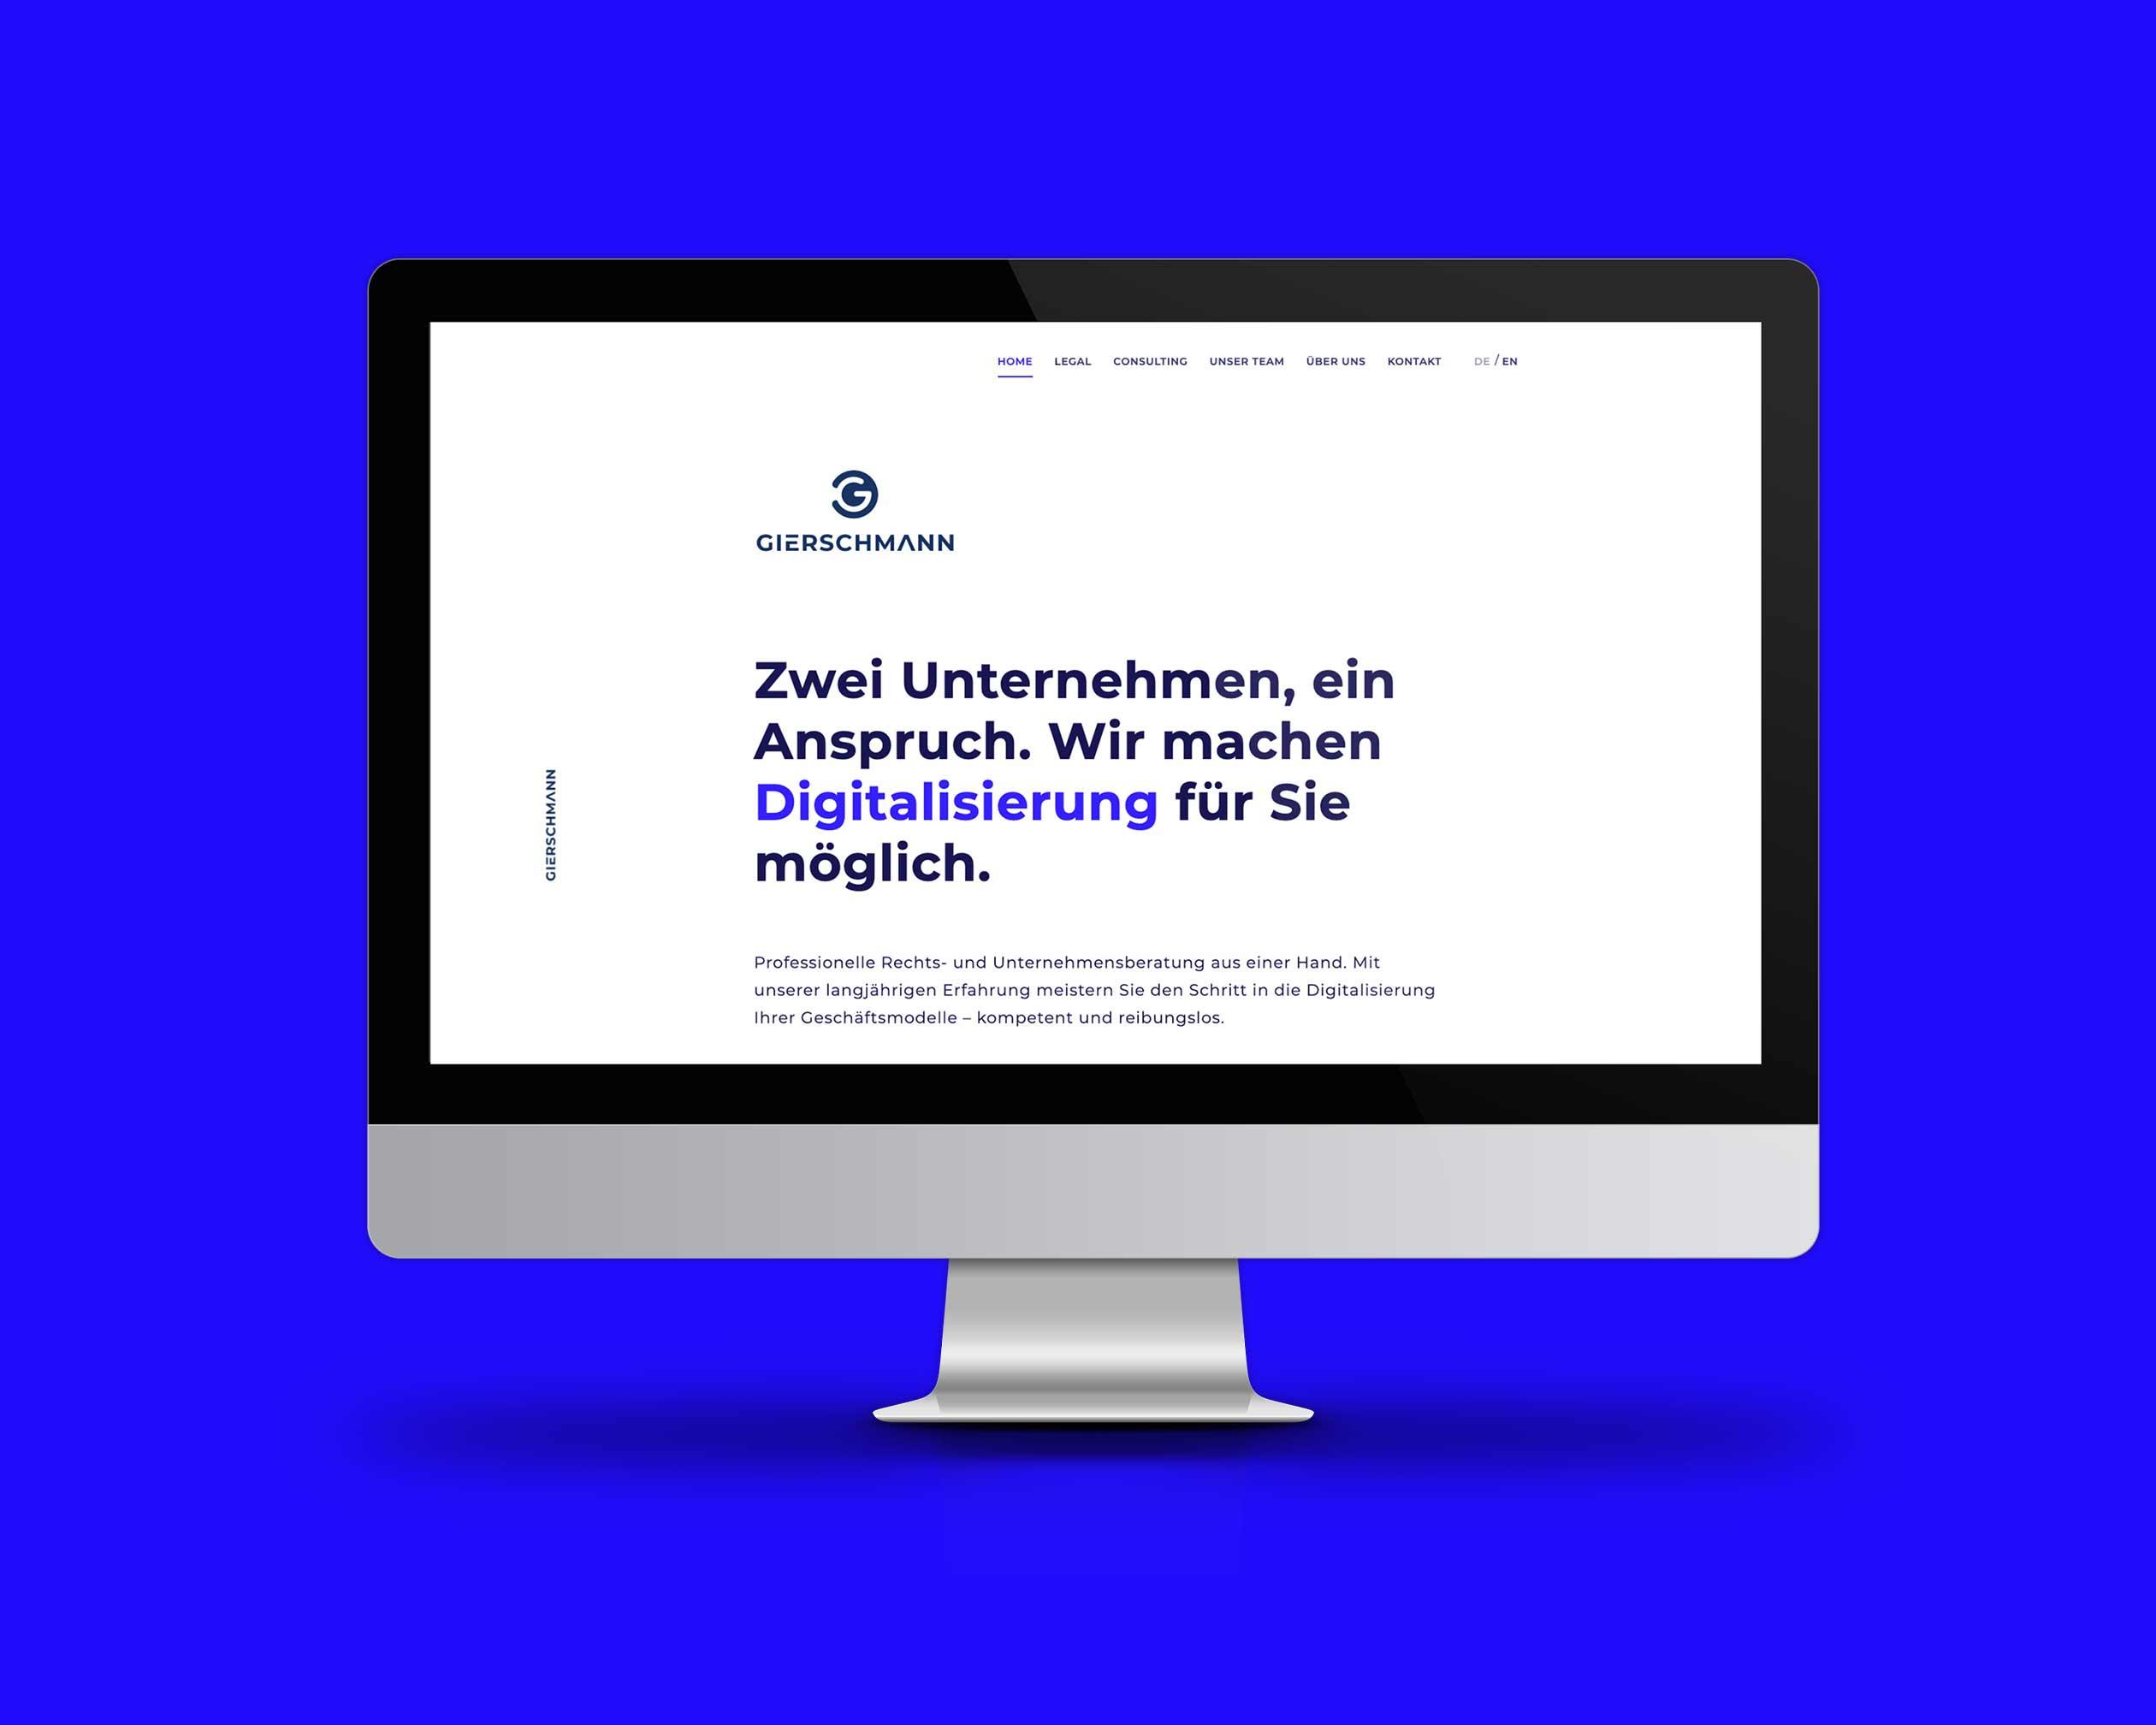 gierschmann-web_02